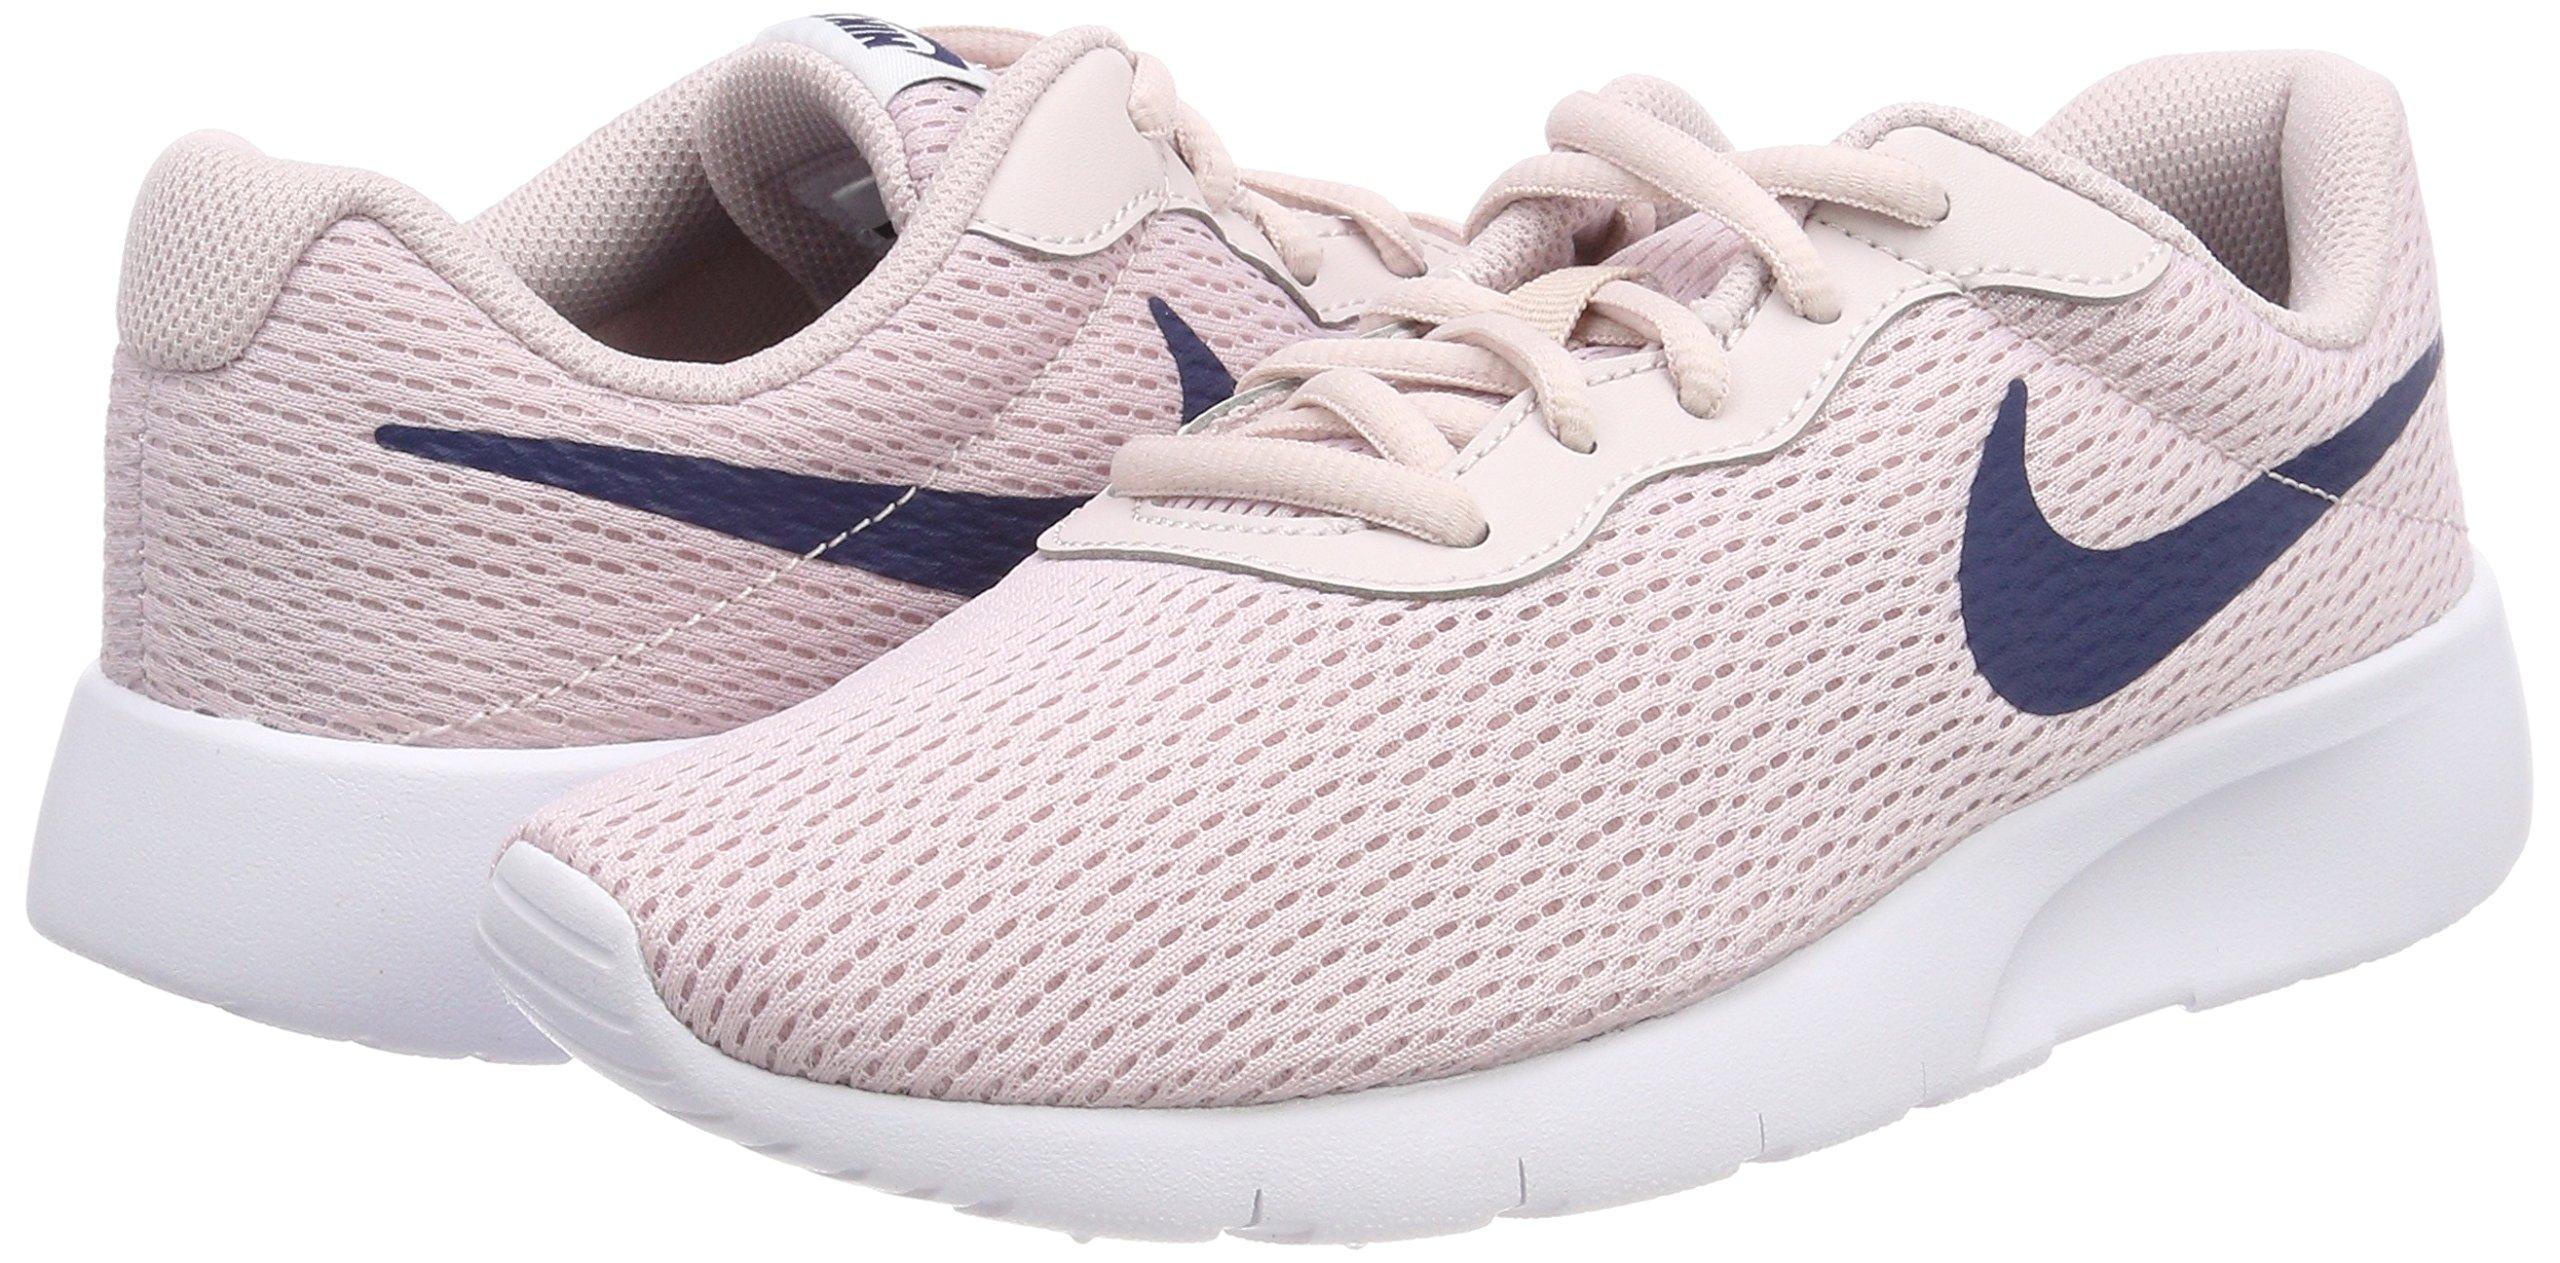 Nike Girl's Tanjun Shoe Barely Rose/Navy/White Size 4 M US by Nike (Image #5)